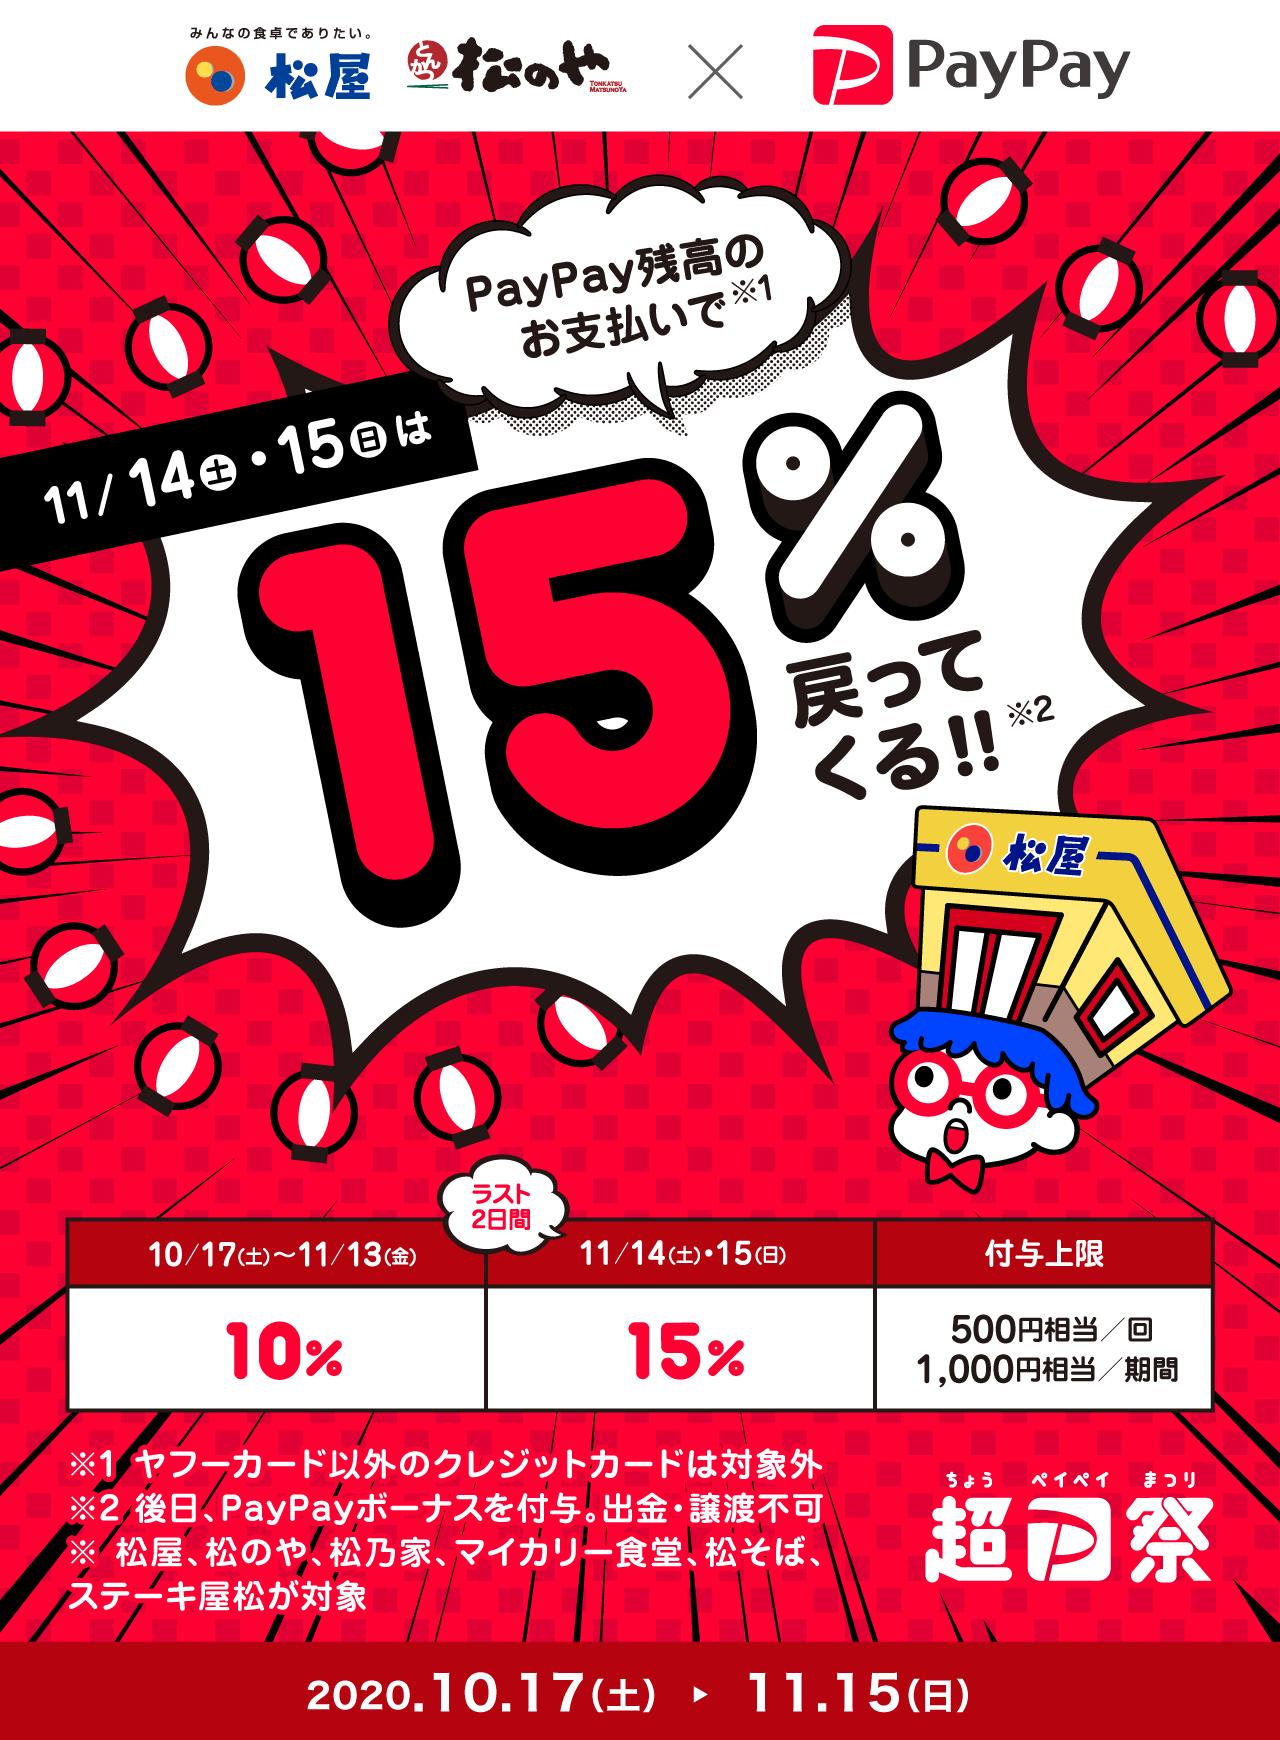 11/14(土)・15(日)はPayPay残高のお支払いで15%戻ってくる!!